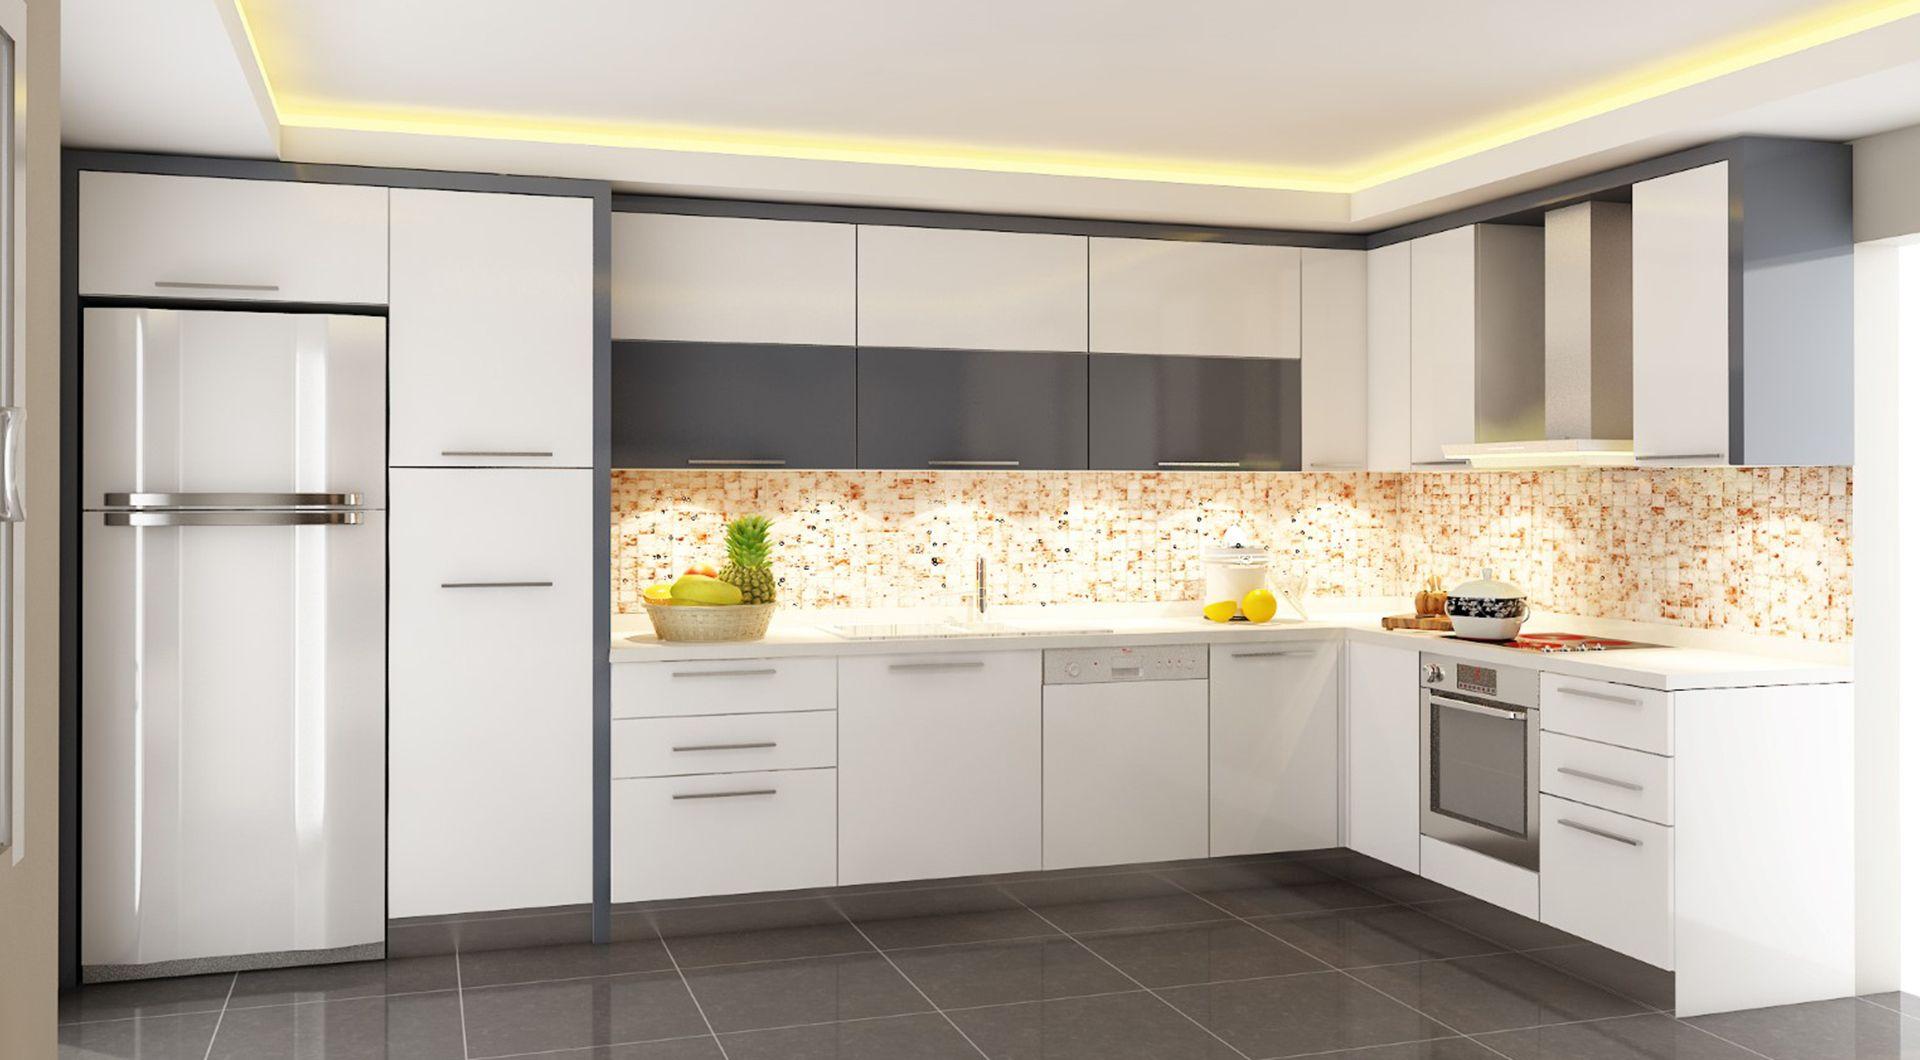 Küchen-design-schrank akkoç mutfak  akkoç mobilya  küche  pinterest  schrank haus und